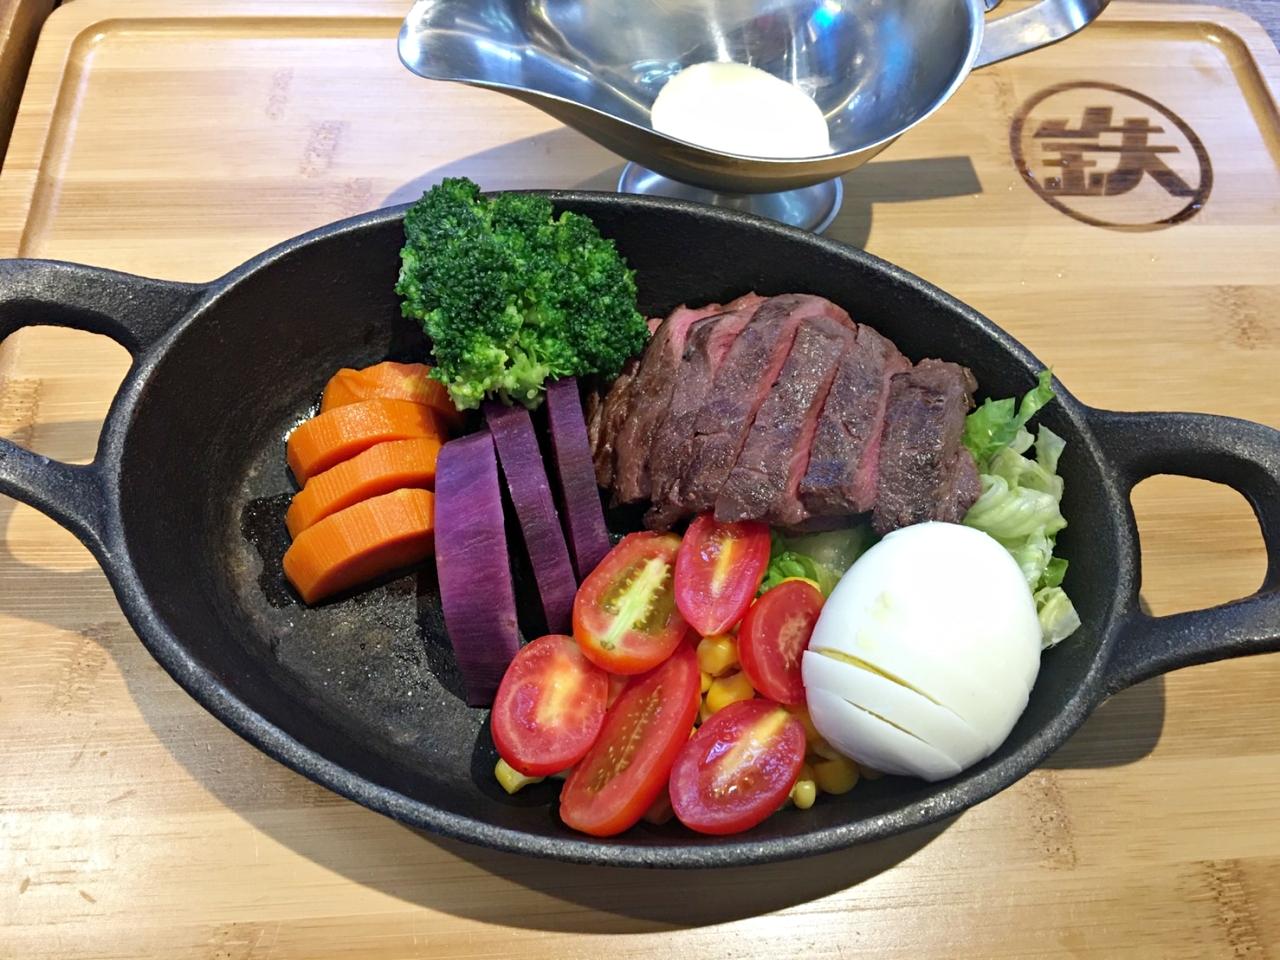 鐵火牛排,樂軒和牛的平價牛排,和牛滷肉飯、湯、飲料、木桶豆花吃到飽